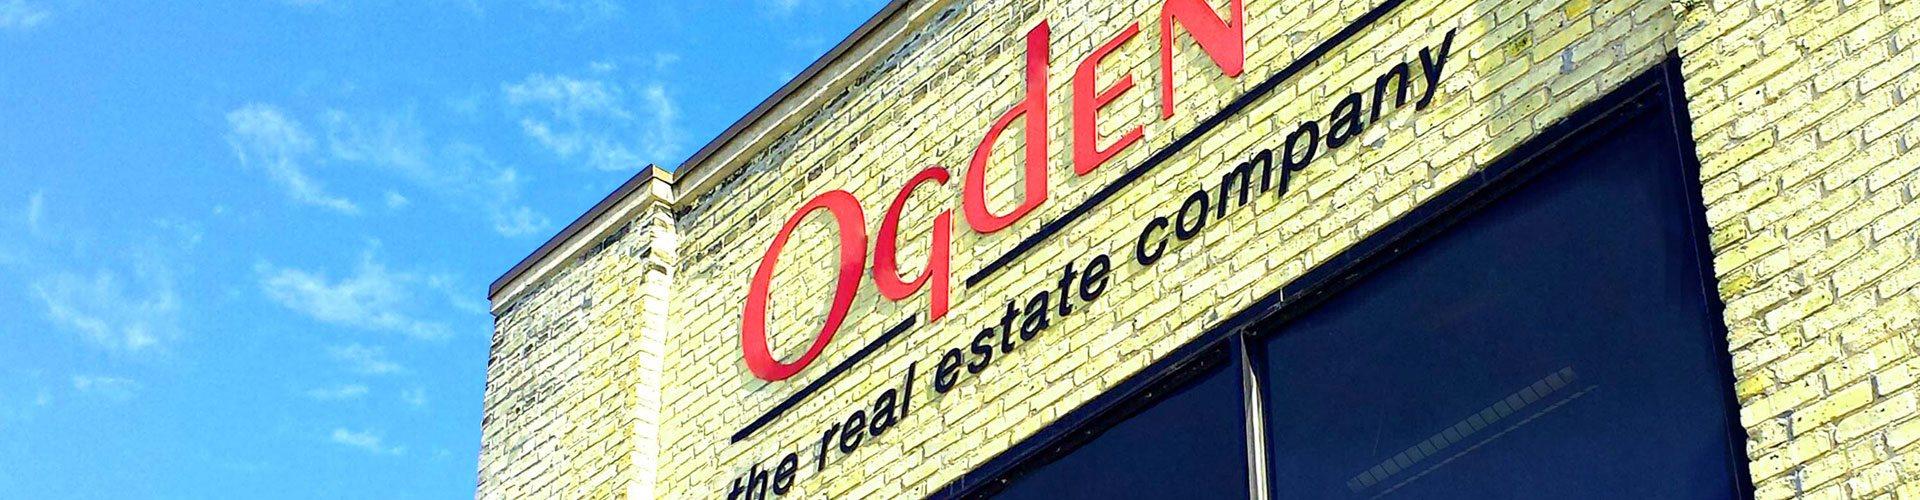 Ogden & Company, Inc Banner Image 22